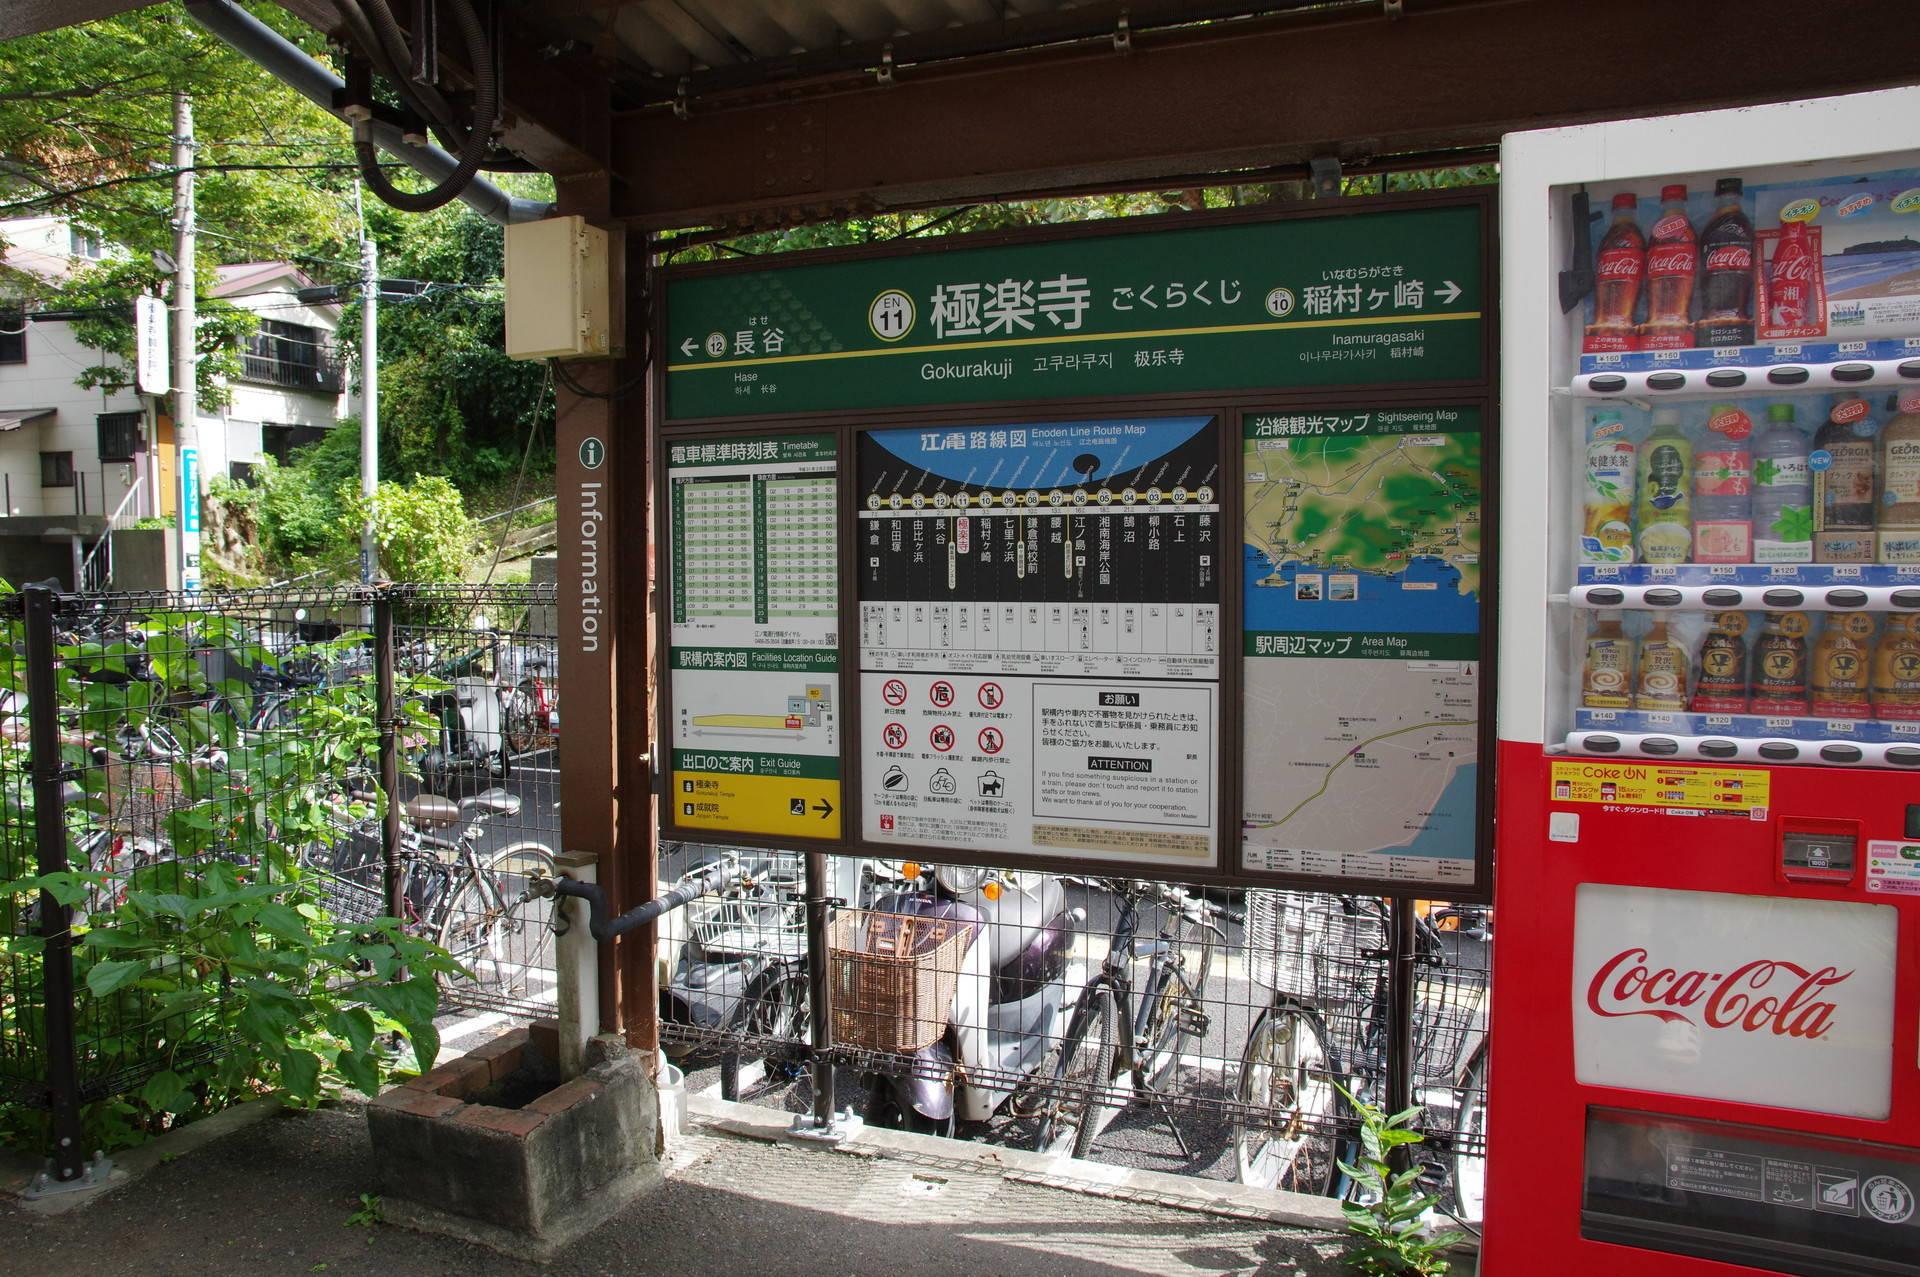 新デザインの駅名標